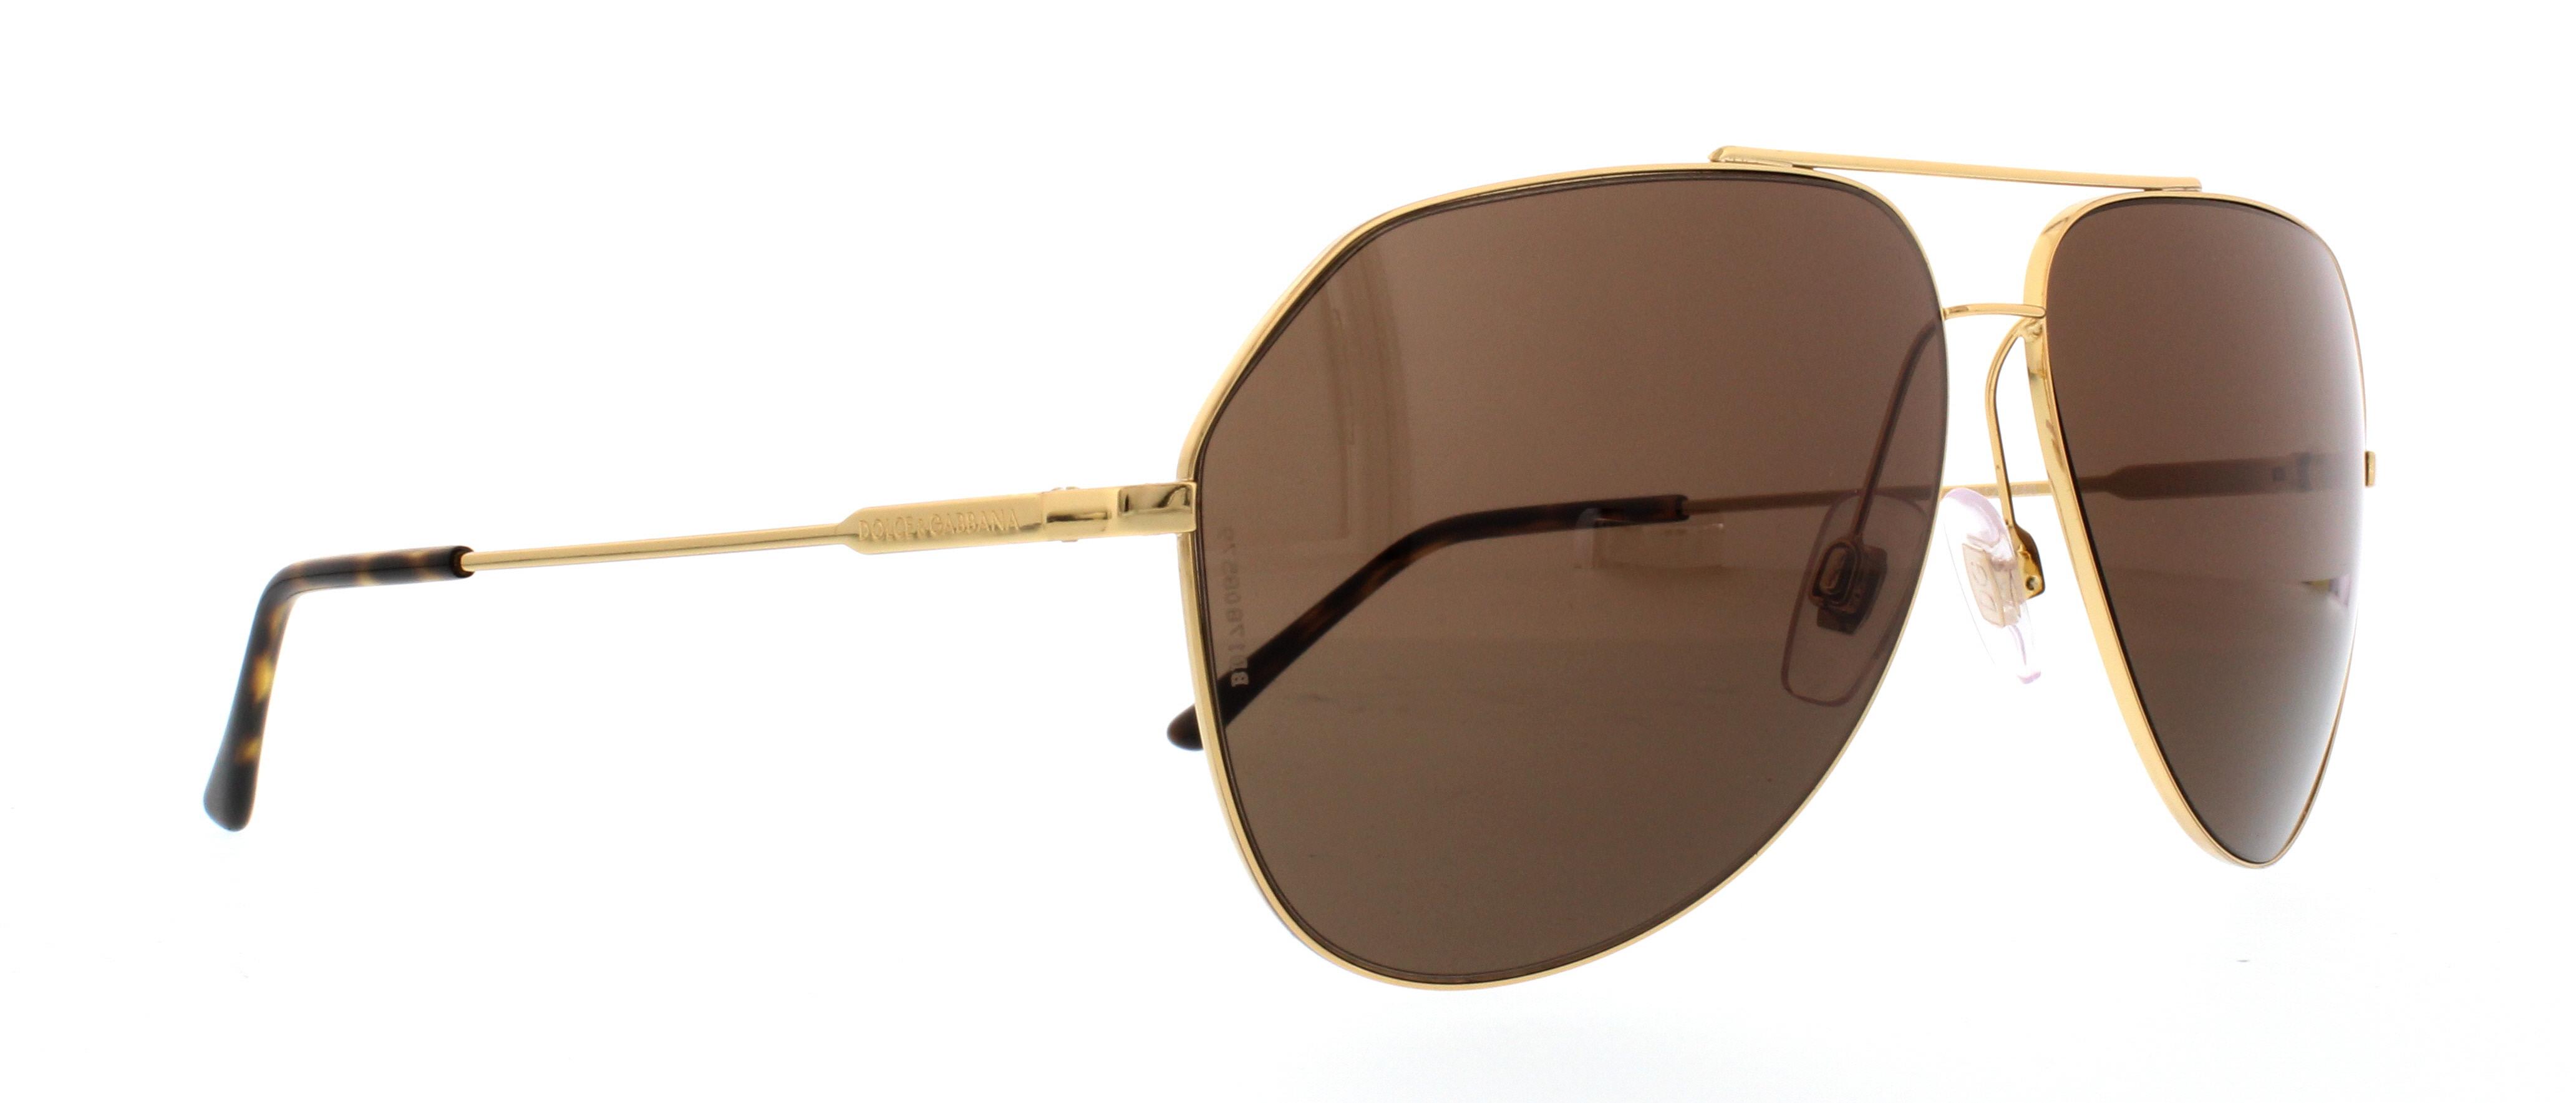 617ed6d2b04c Designer Frames Outlet. Dolce   Gabbana DG2129